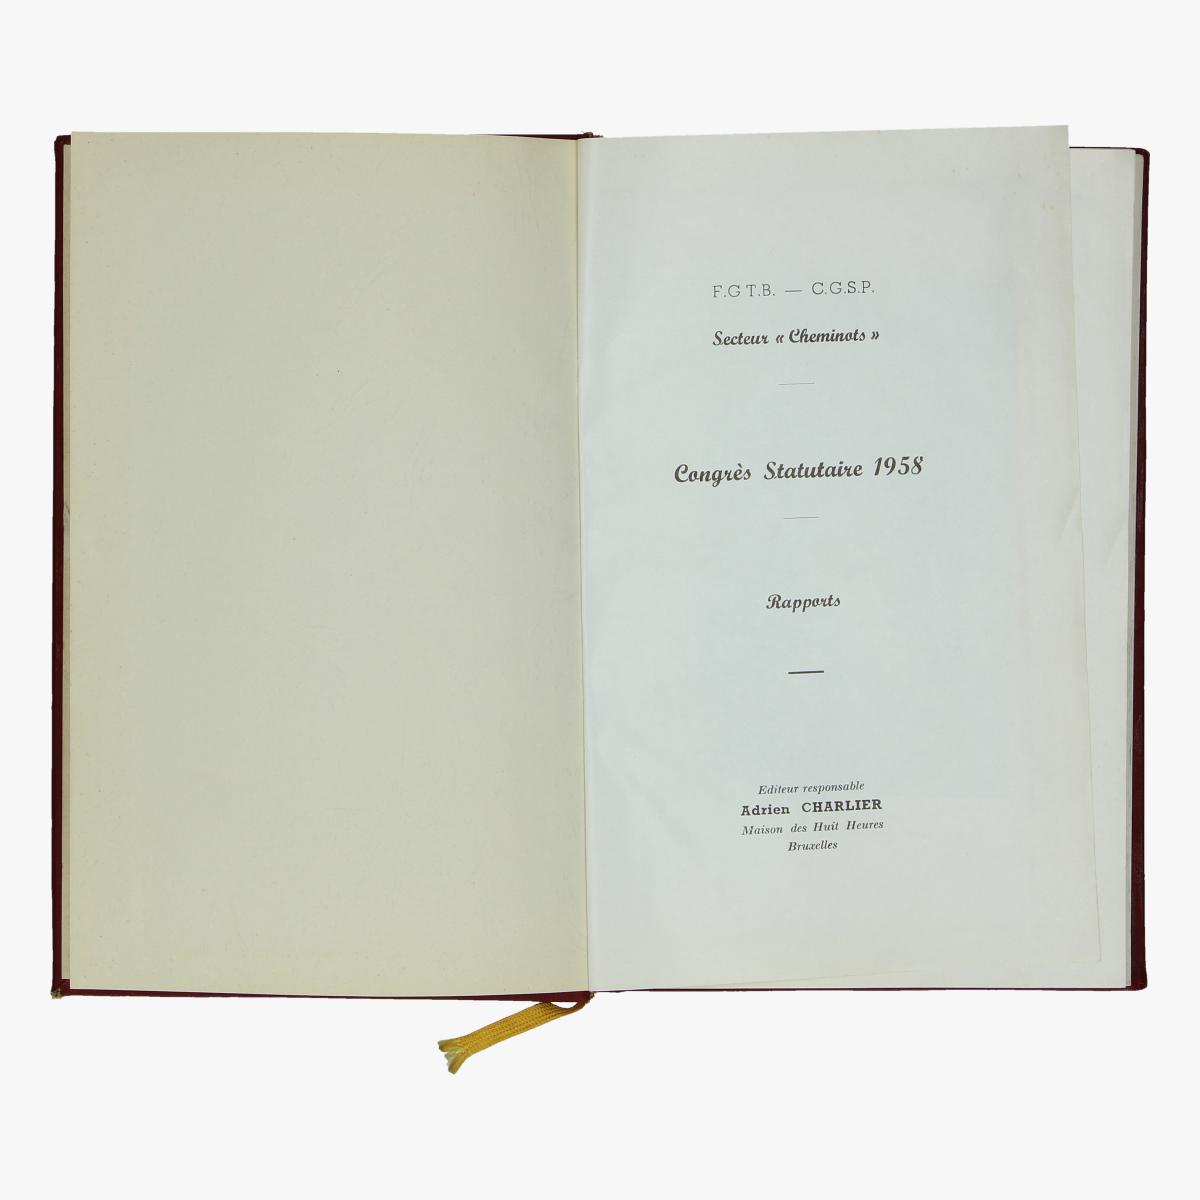 Afbeeldingen van expo 58 boek  congrés statutaire 1958 adrien charlier masion des huit heures bxl f.g.t.b.-c.g.s.p.